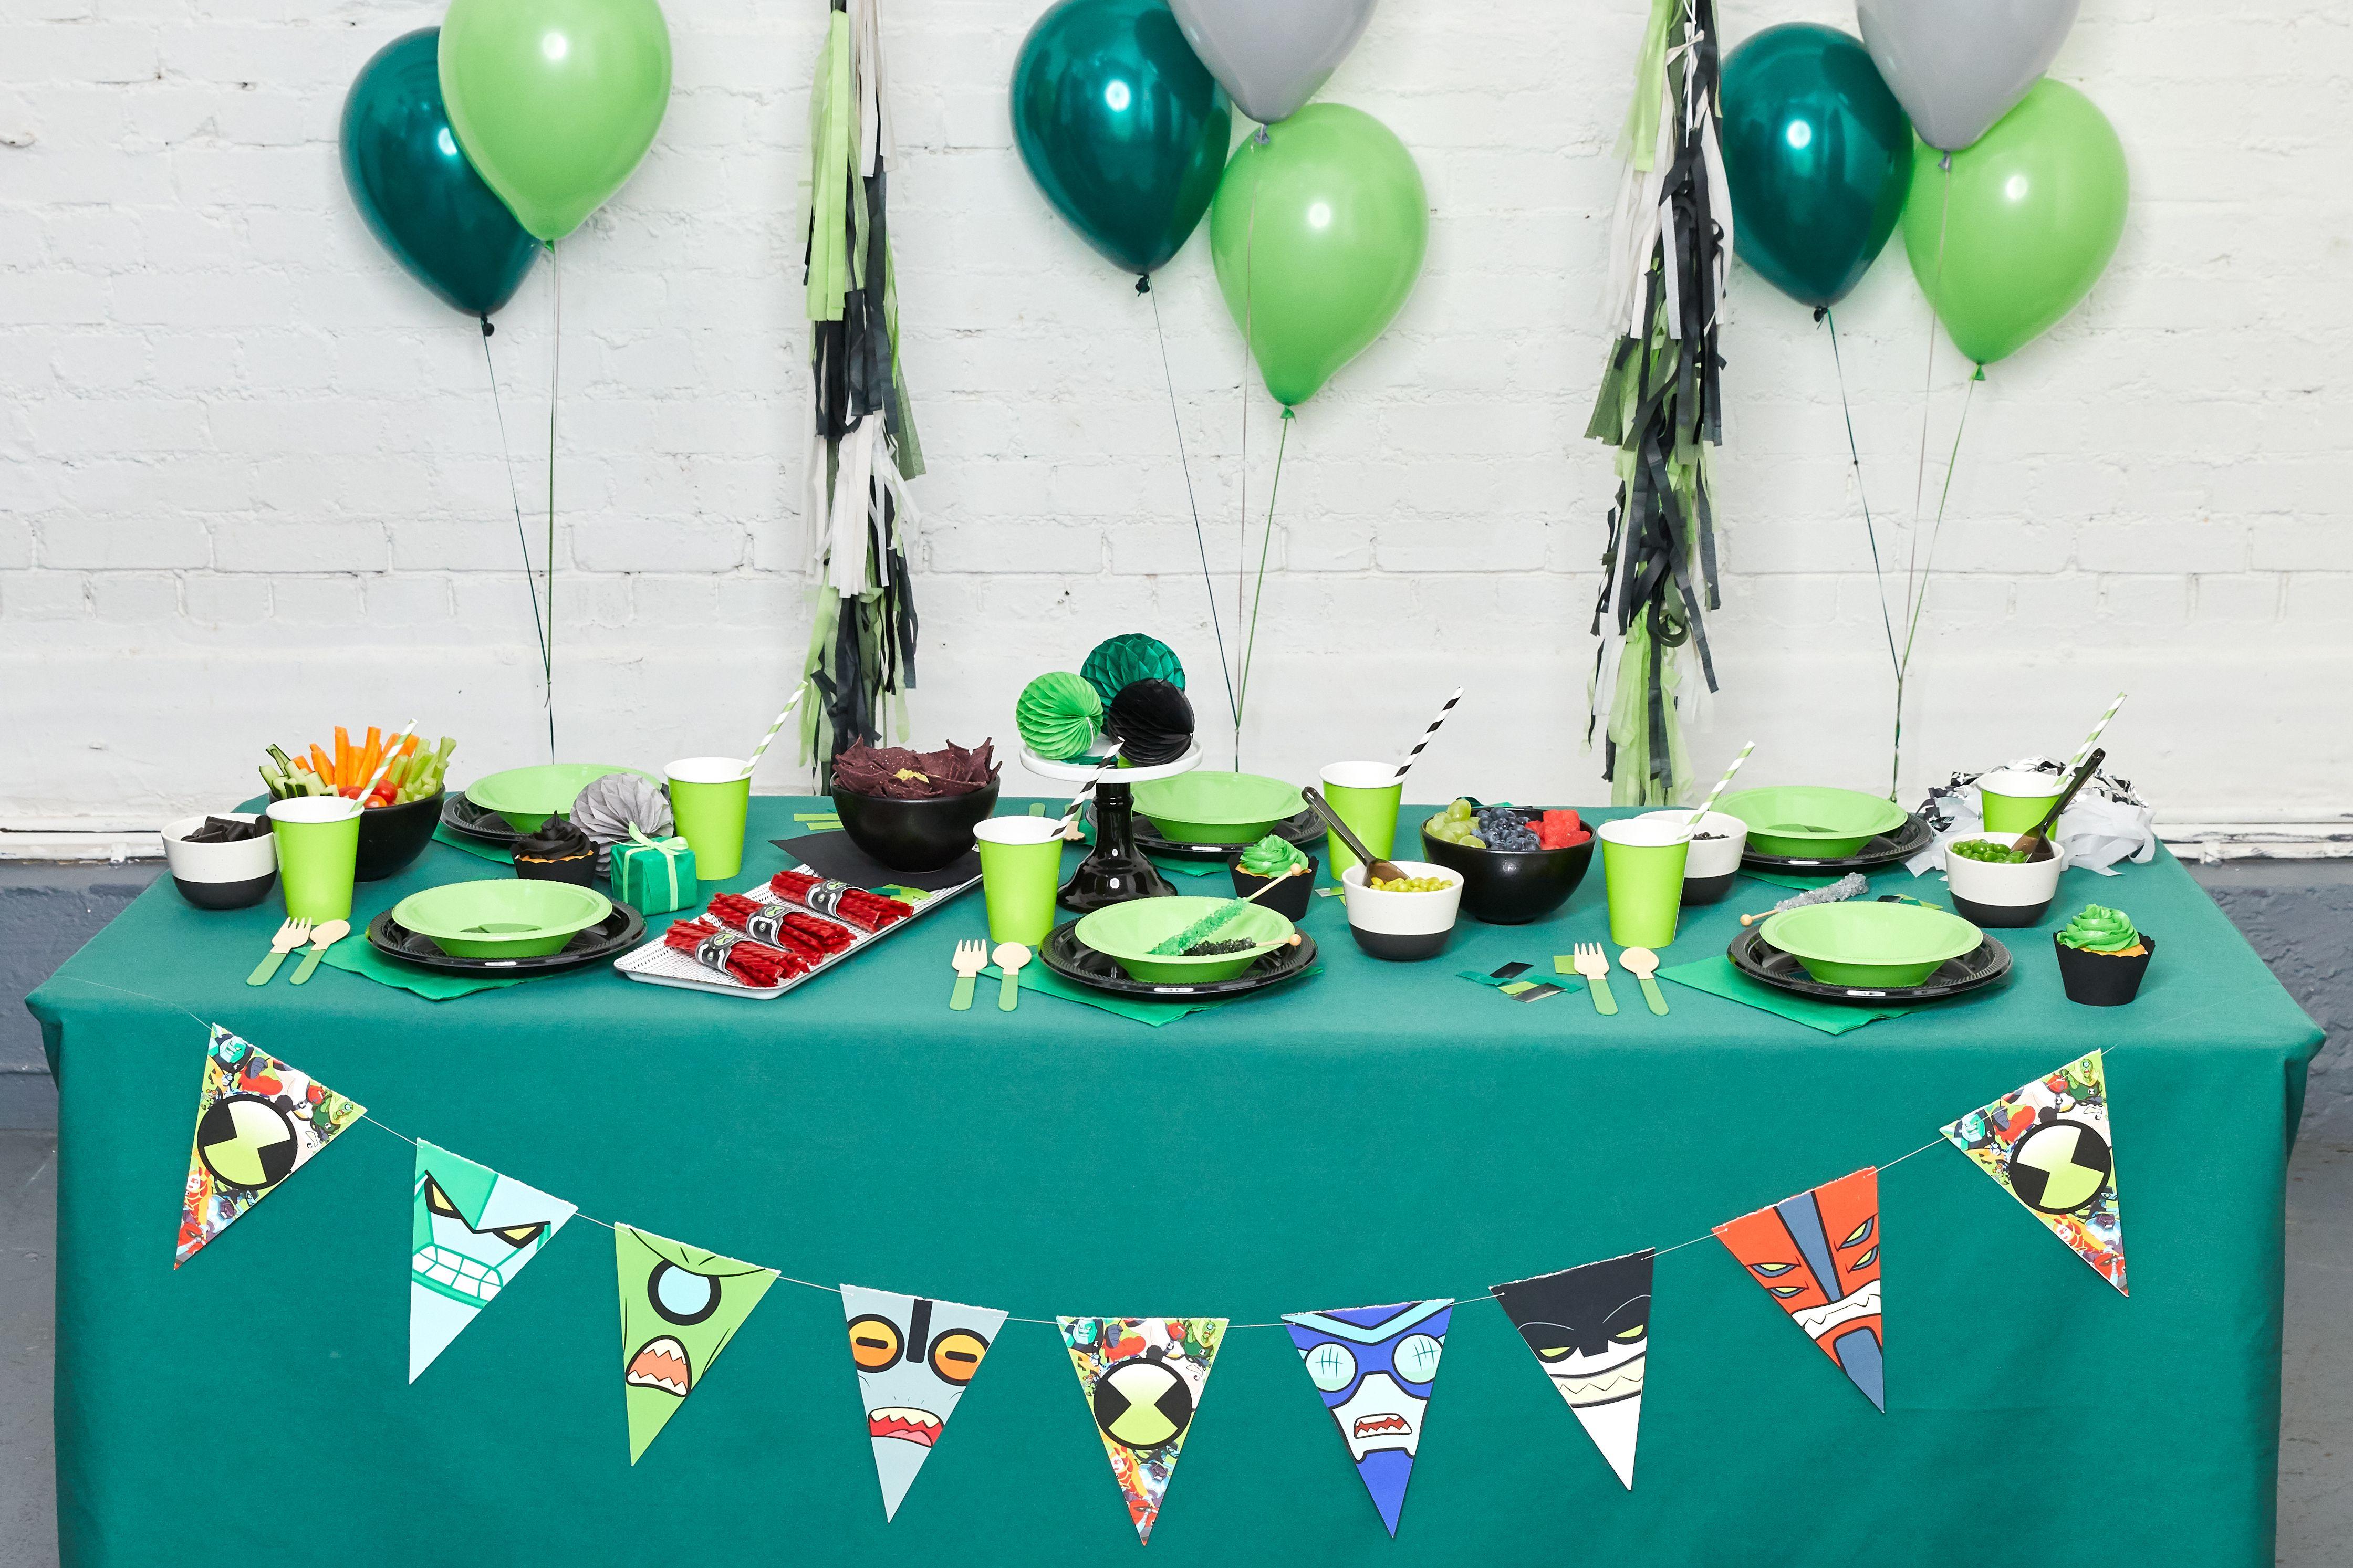 Ben 10 Birthday Party Boys Decoration Favor Tablecloth Balloon Banner